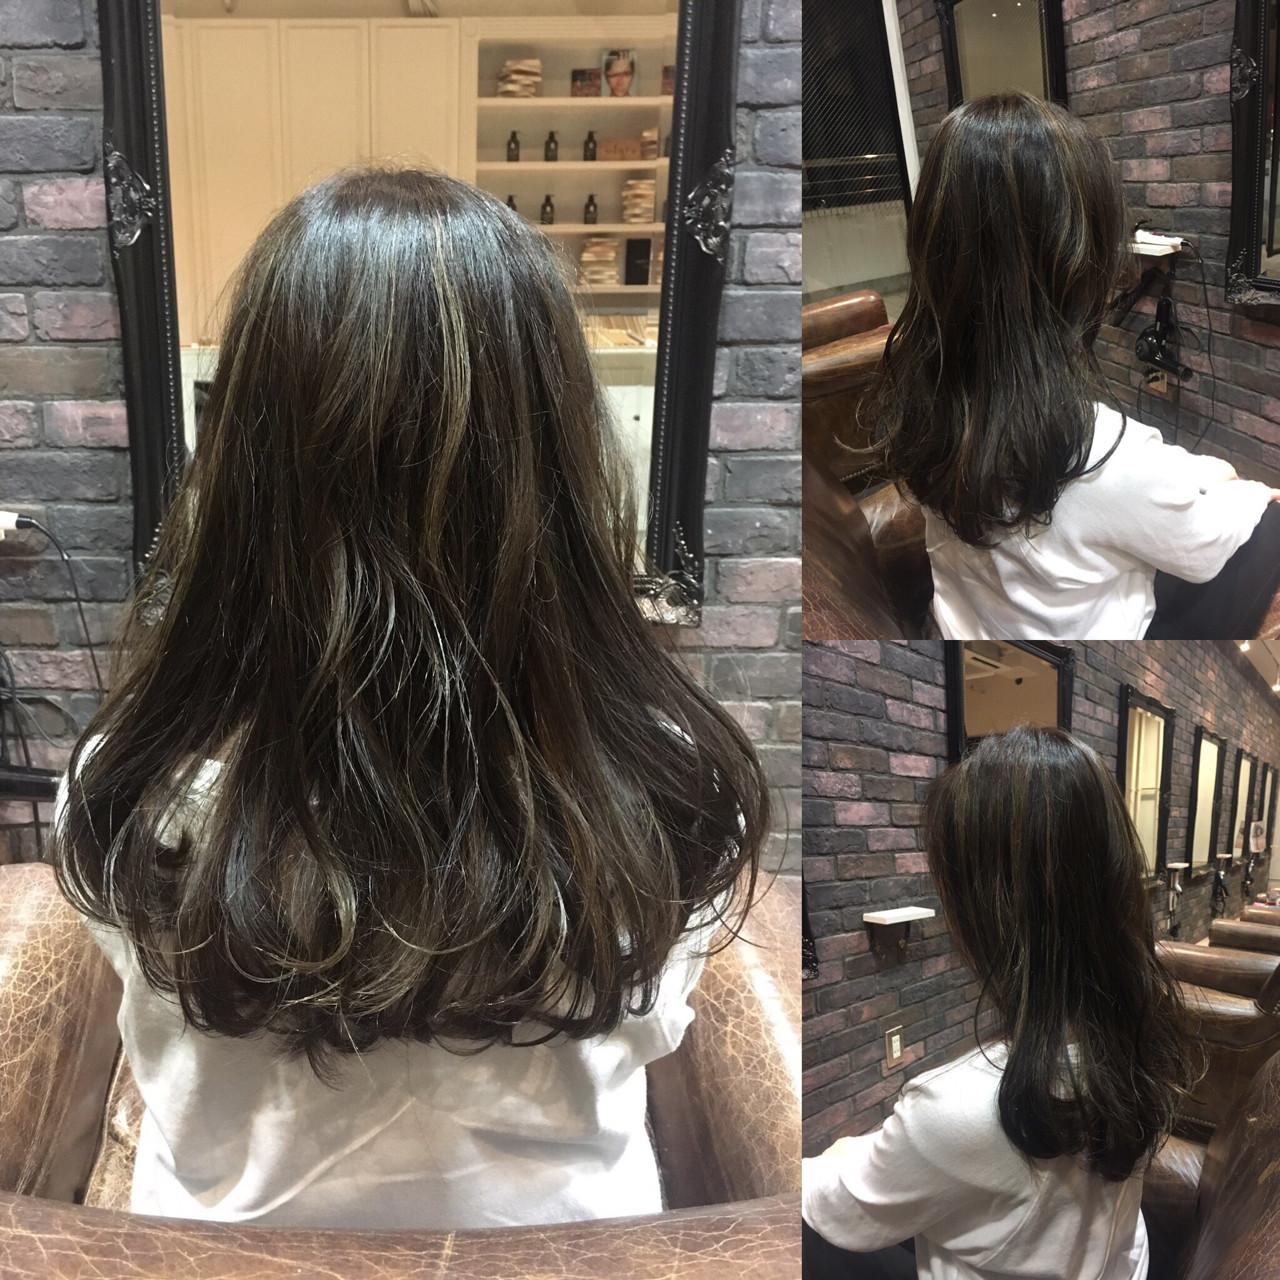 アッシュ ハイライト 暗髪 外国人風 ヘアスタイルや髪型の写真・画像 | 松尾謙佑 / cielo